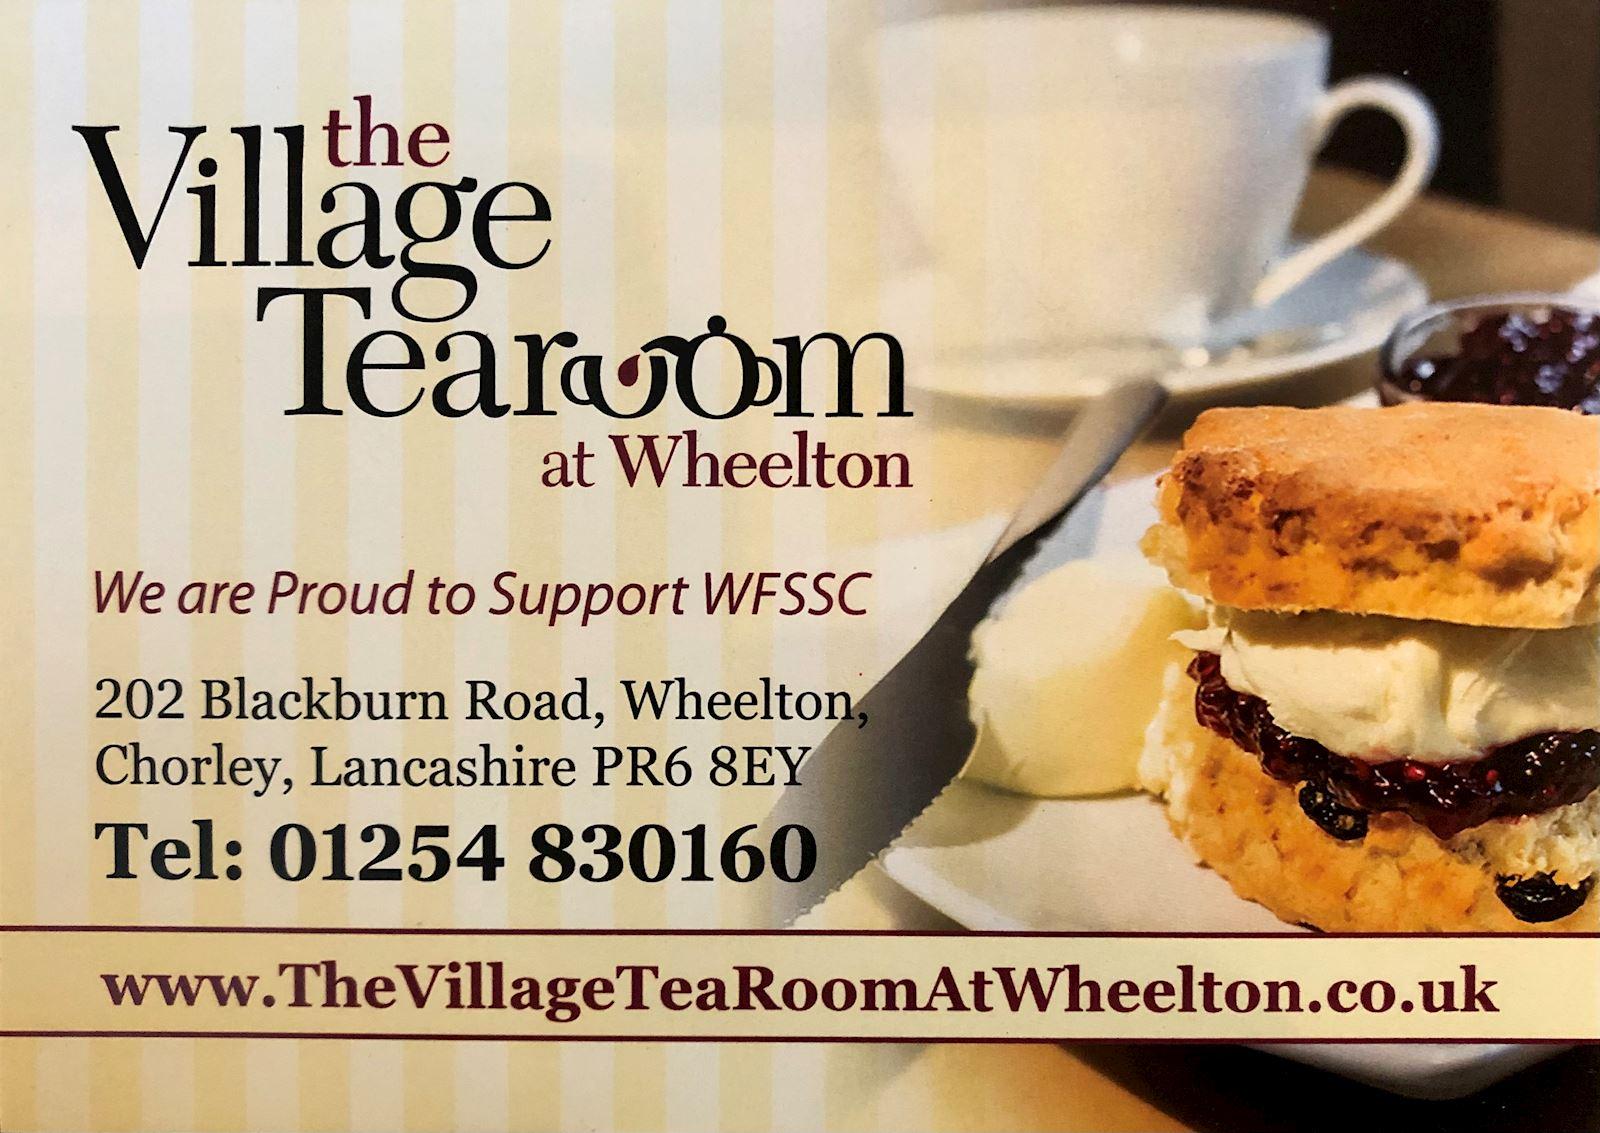 The Village Tearoom